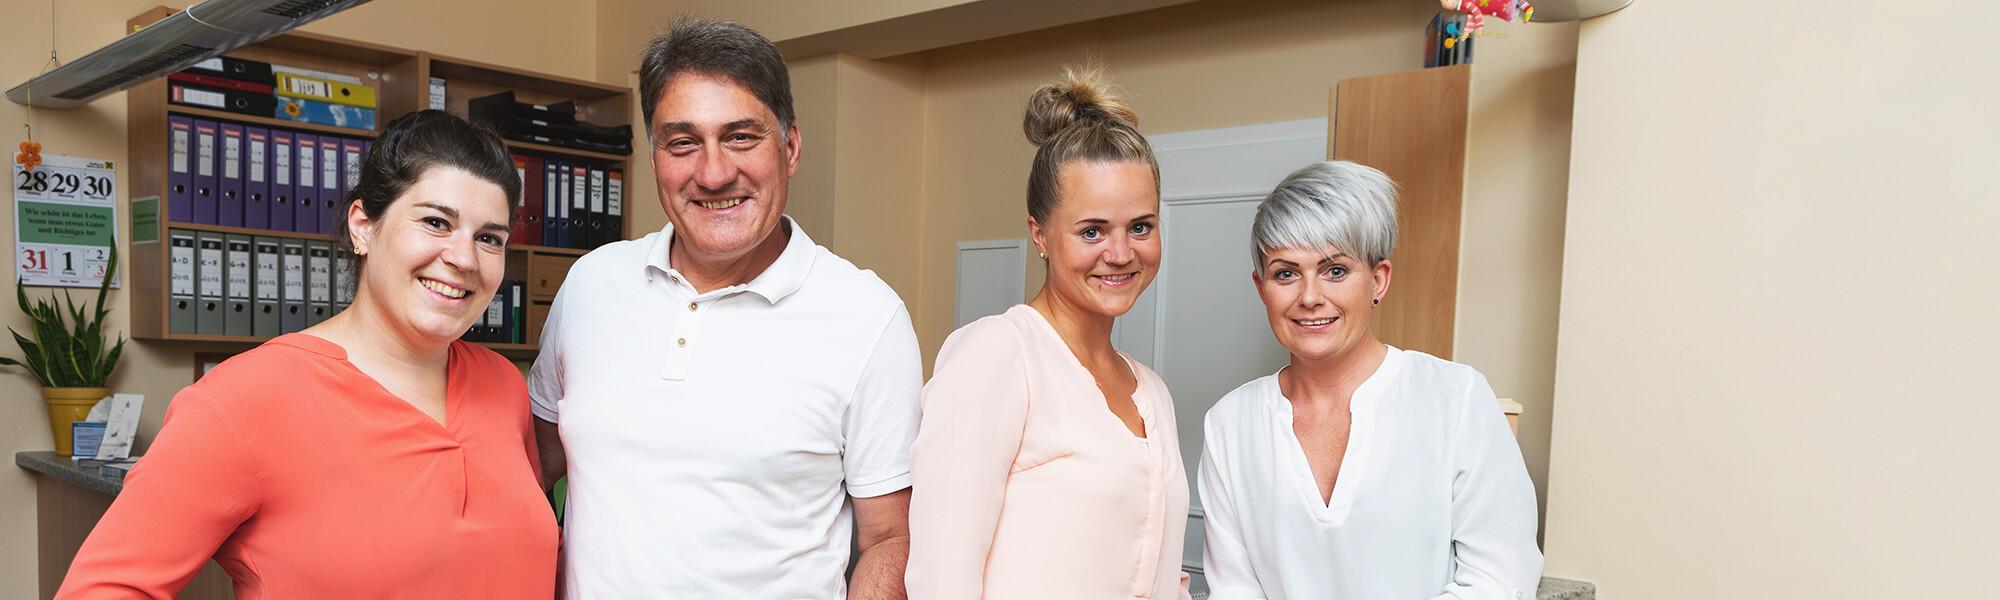 Hausarzt Hallwang - Jungbauer - Team